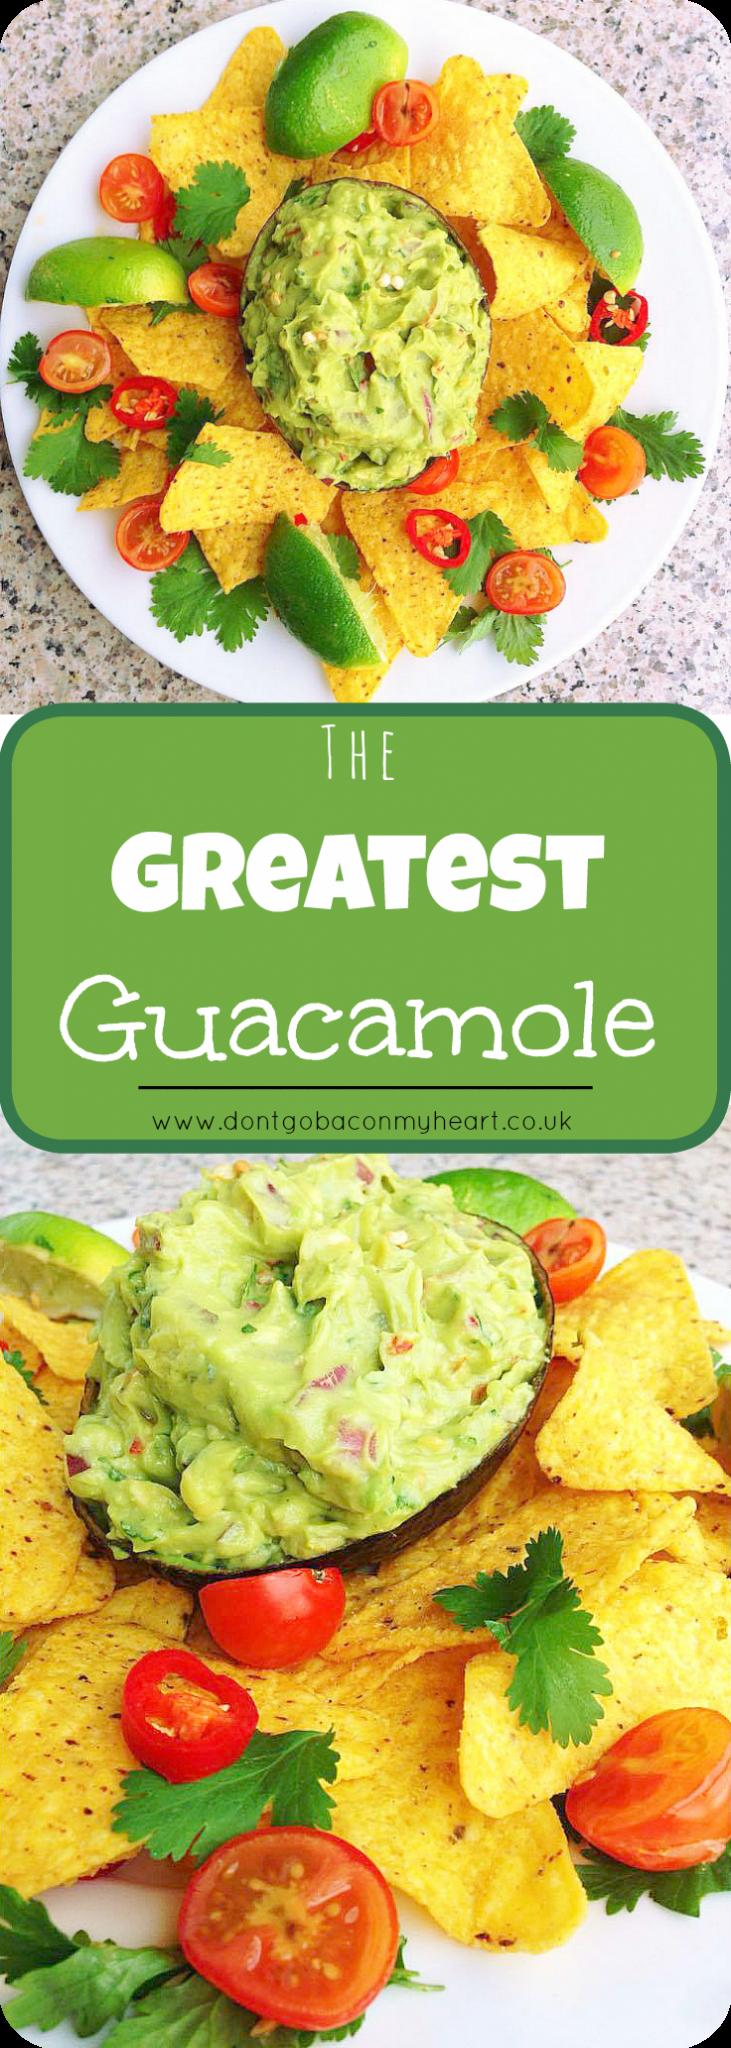 The Greatest Guacamole Recipe